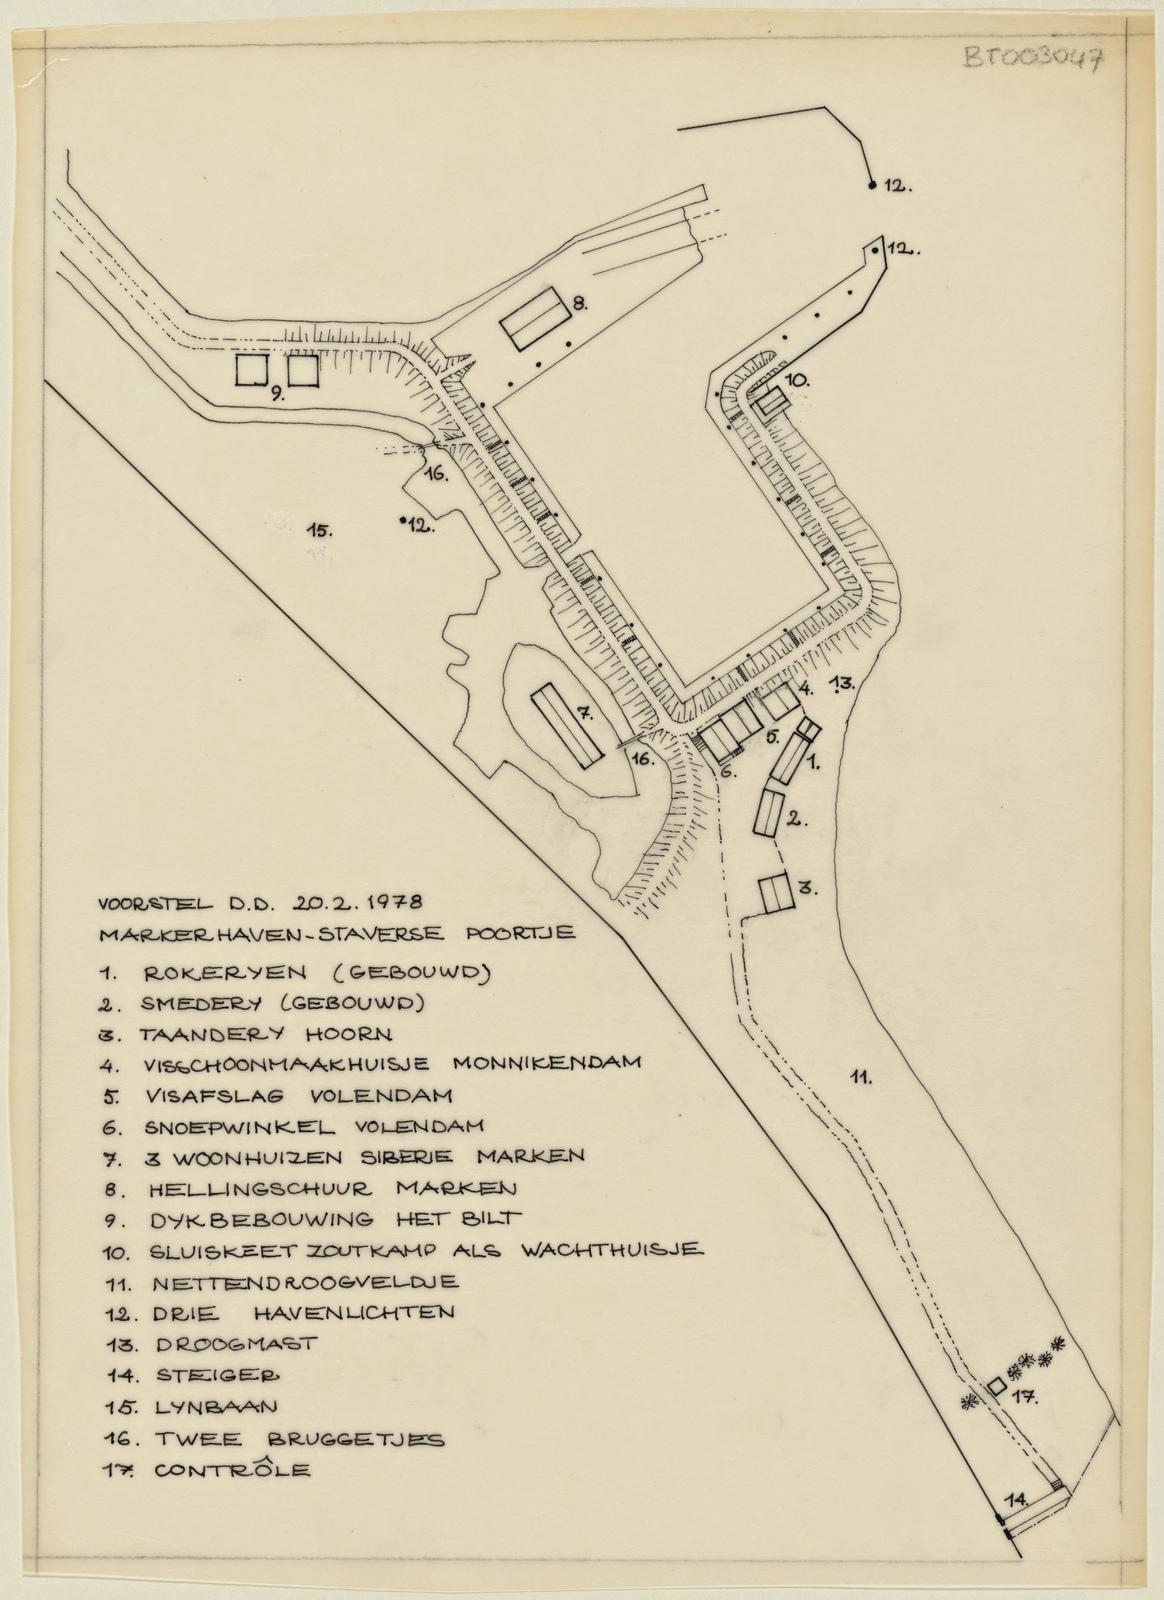 Voorstel, Markerhaven-staversepoortje d.d. 20-2-1978